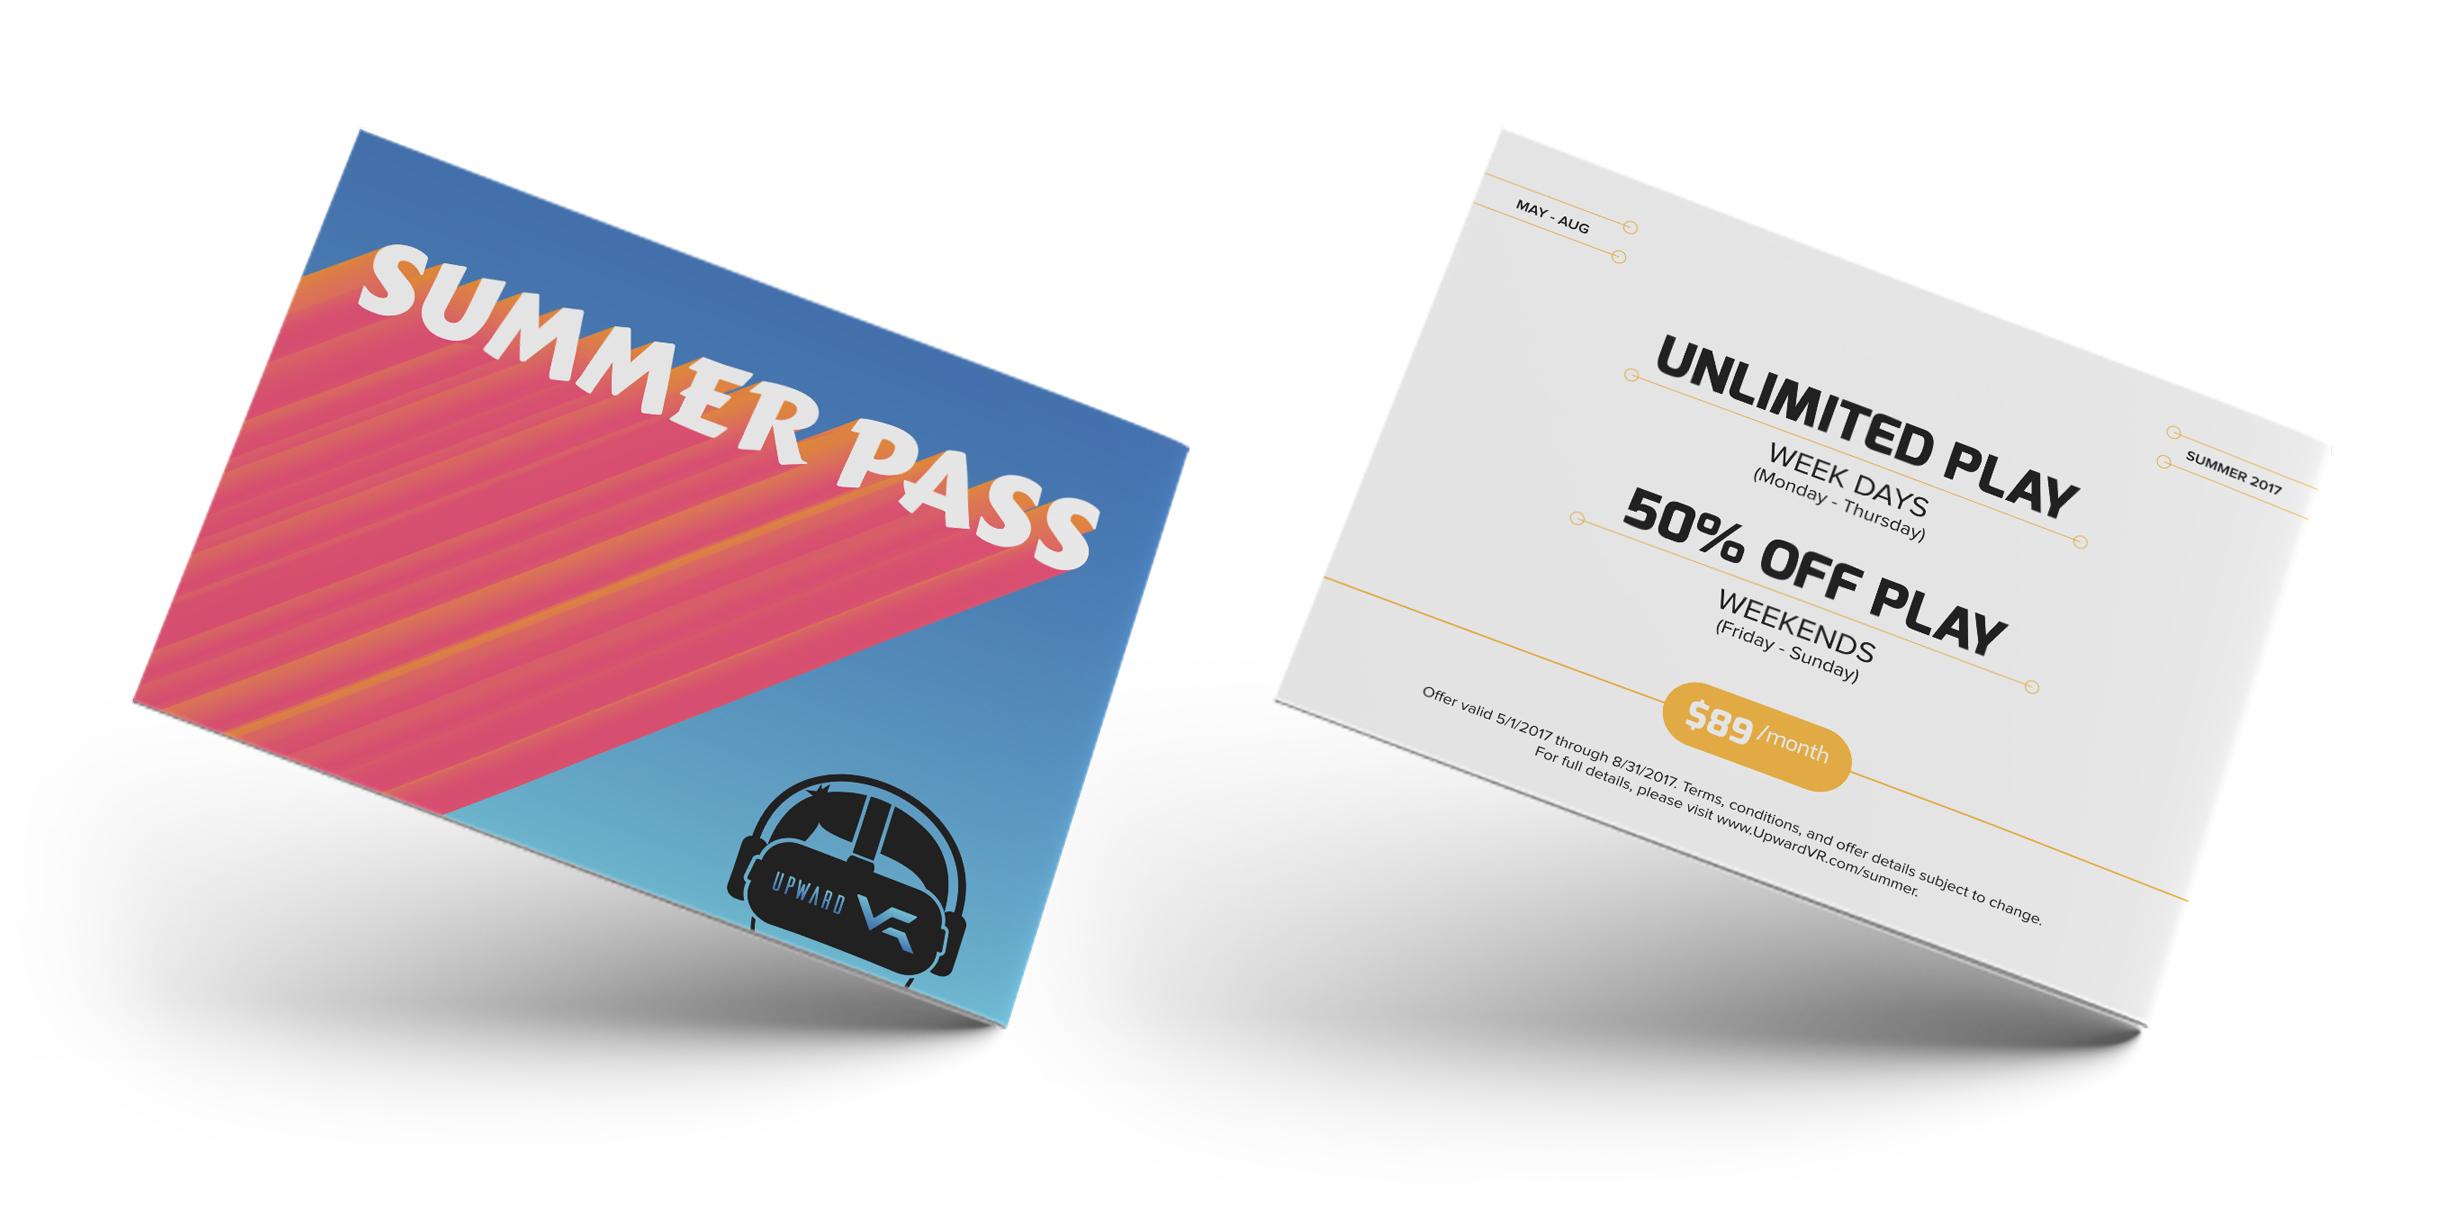 SummerPass-Handout.jpg